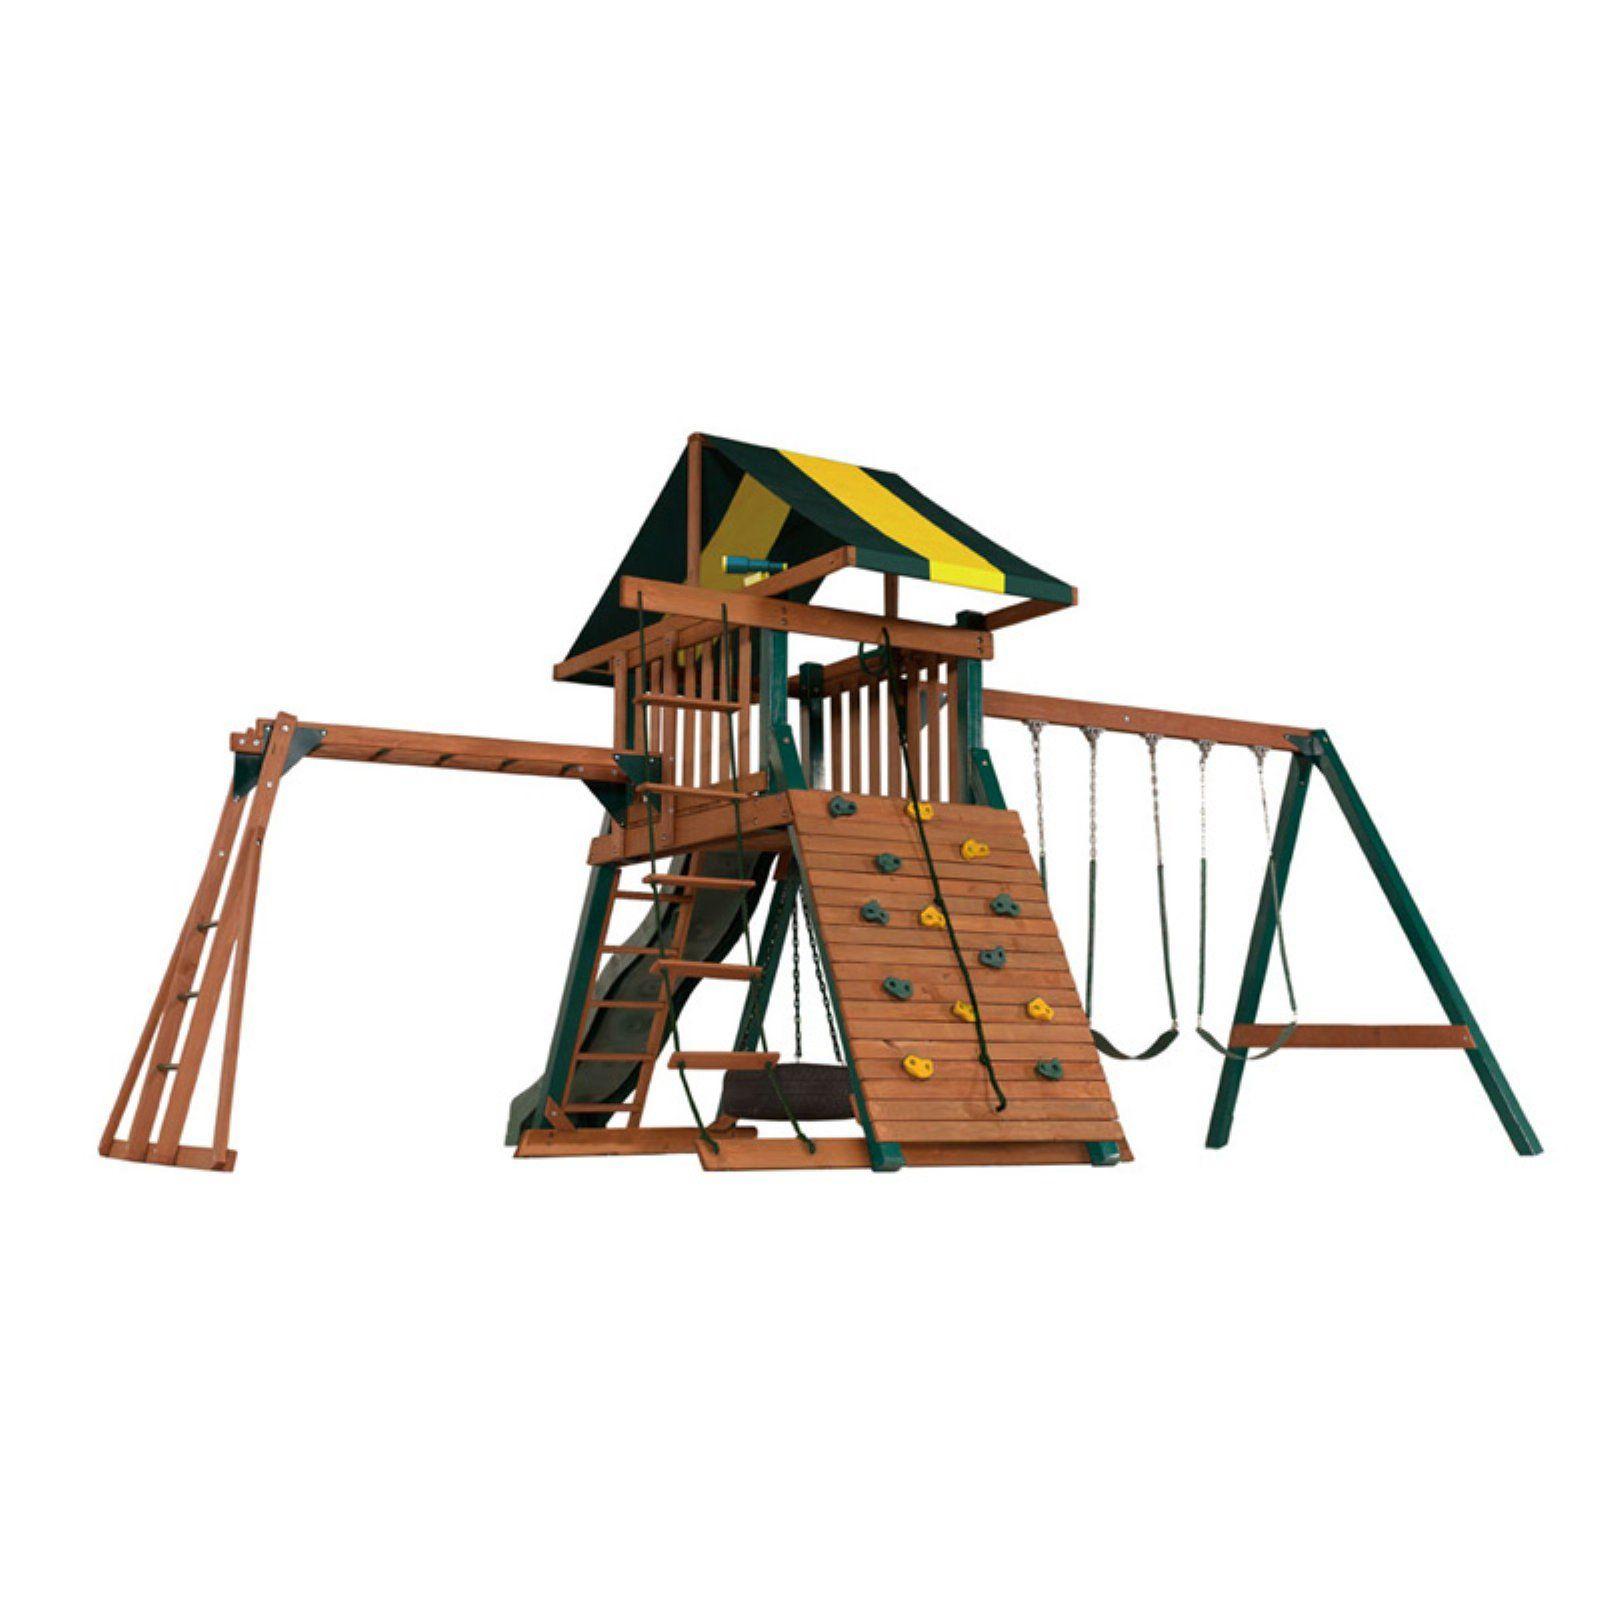 Backyard Play Systems Wood Castle Rock Swing Set